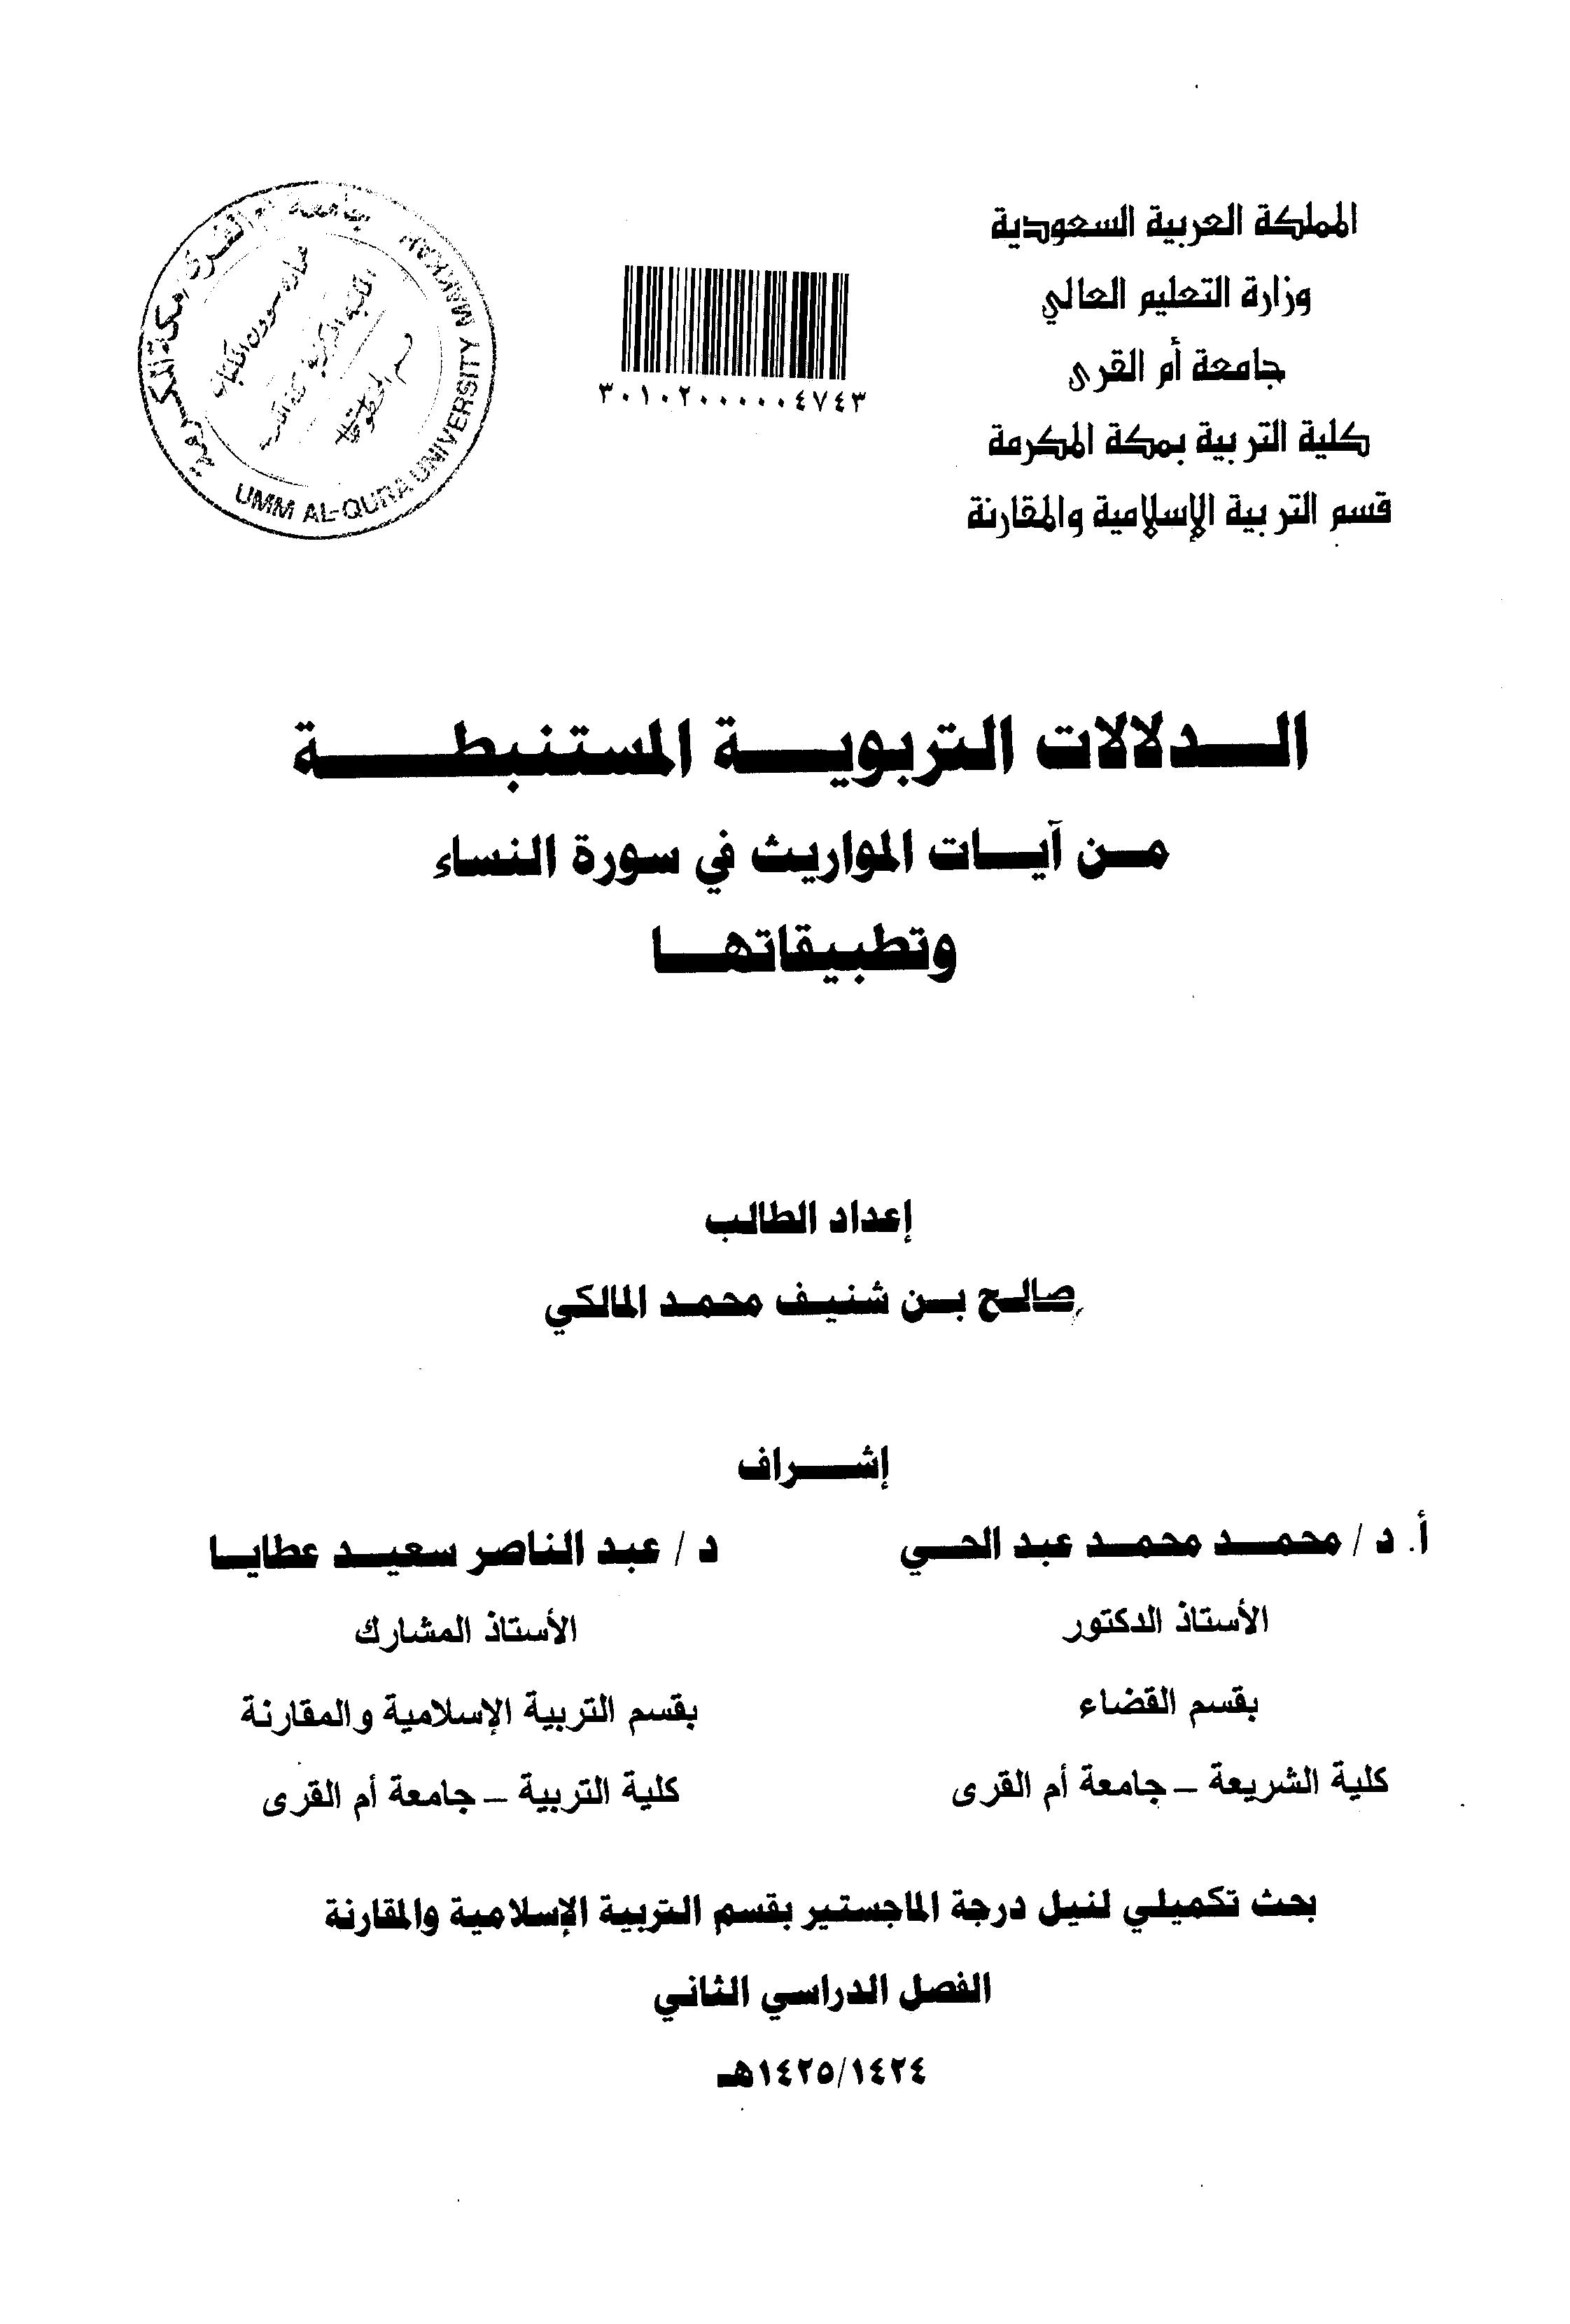 تحميل كتاب الدلالات التربوية المستنبطة من آيات المواريث في سورة النساء وتطبيقاتها لـِ: صالح بن شنيف محمد المالكي